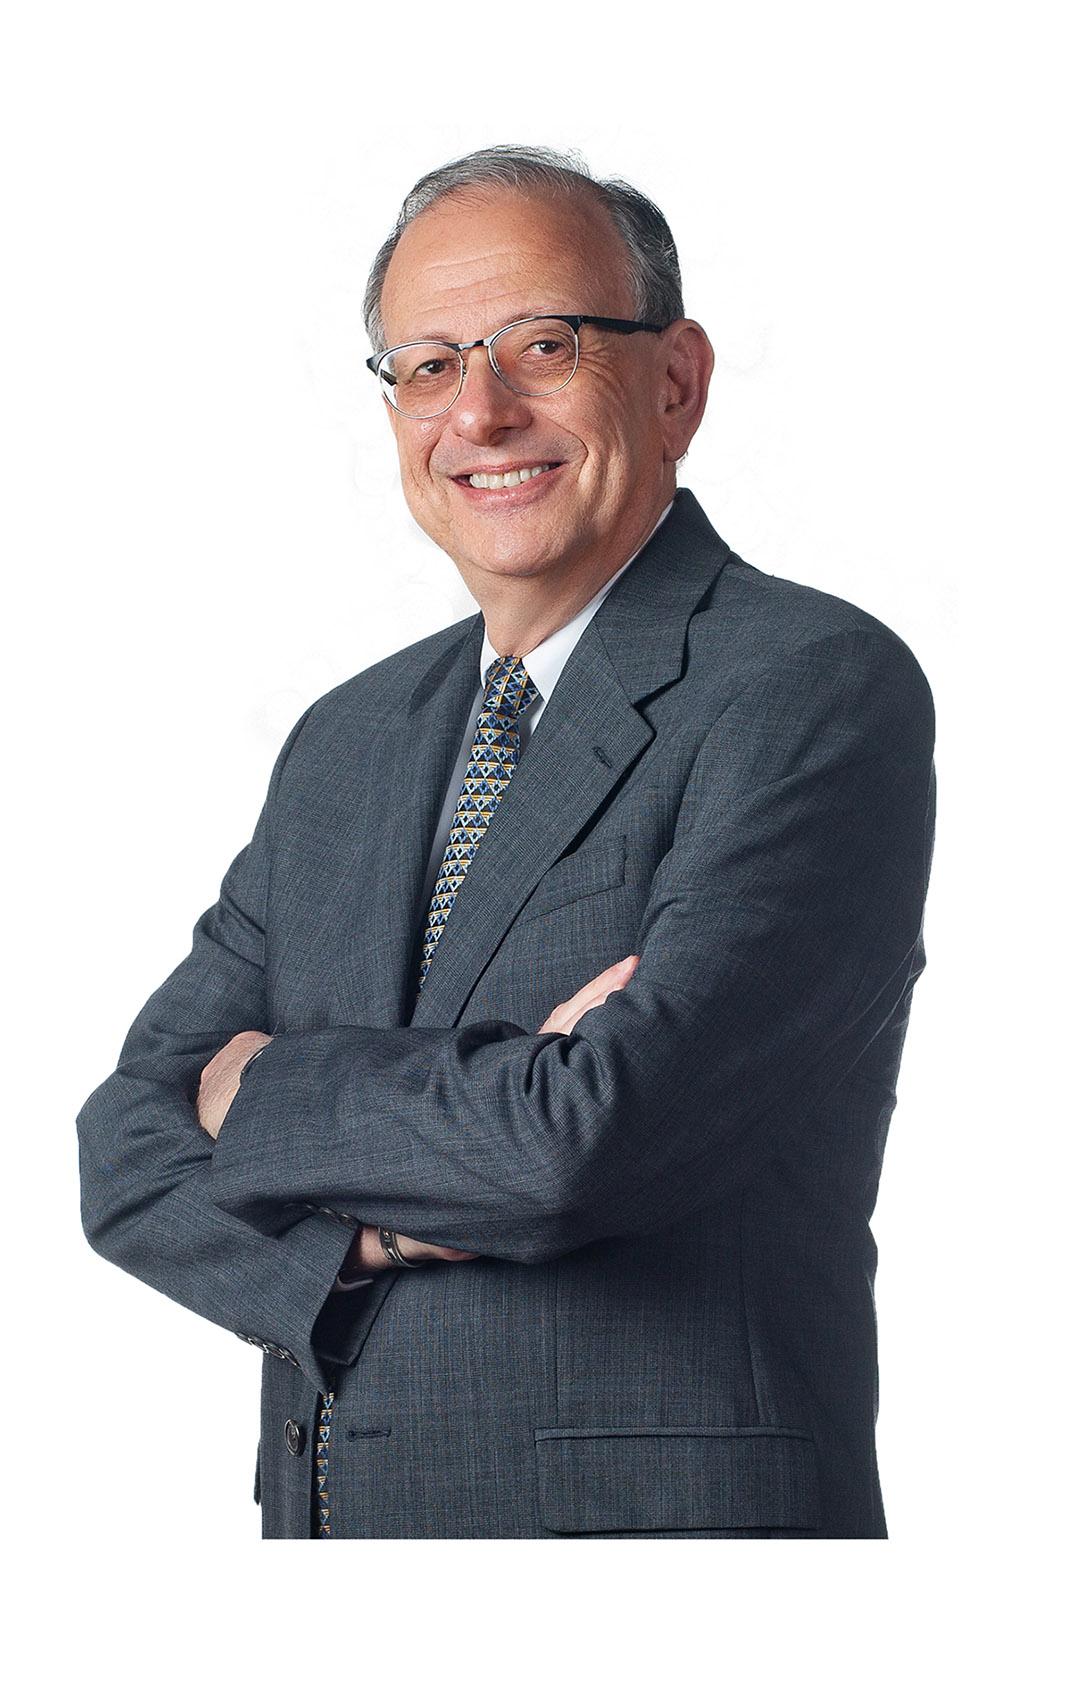 Lester J. Perling